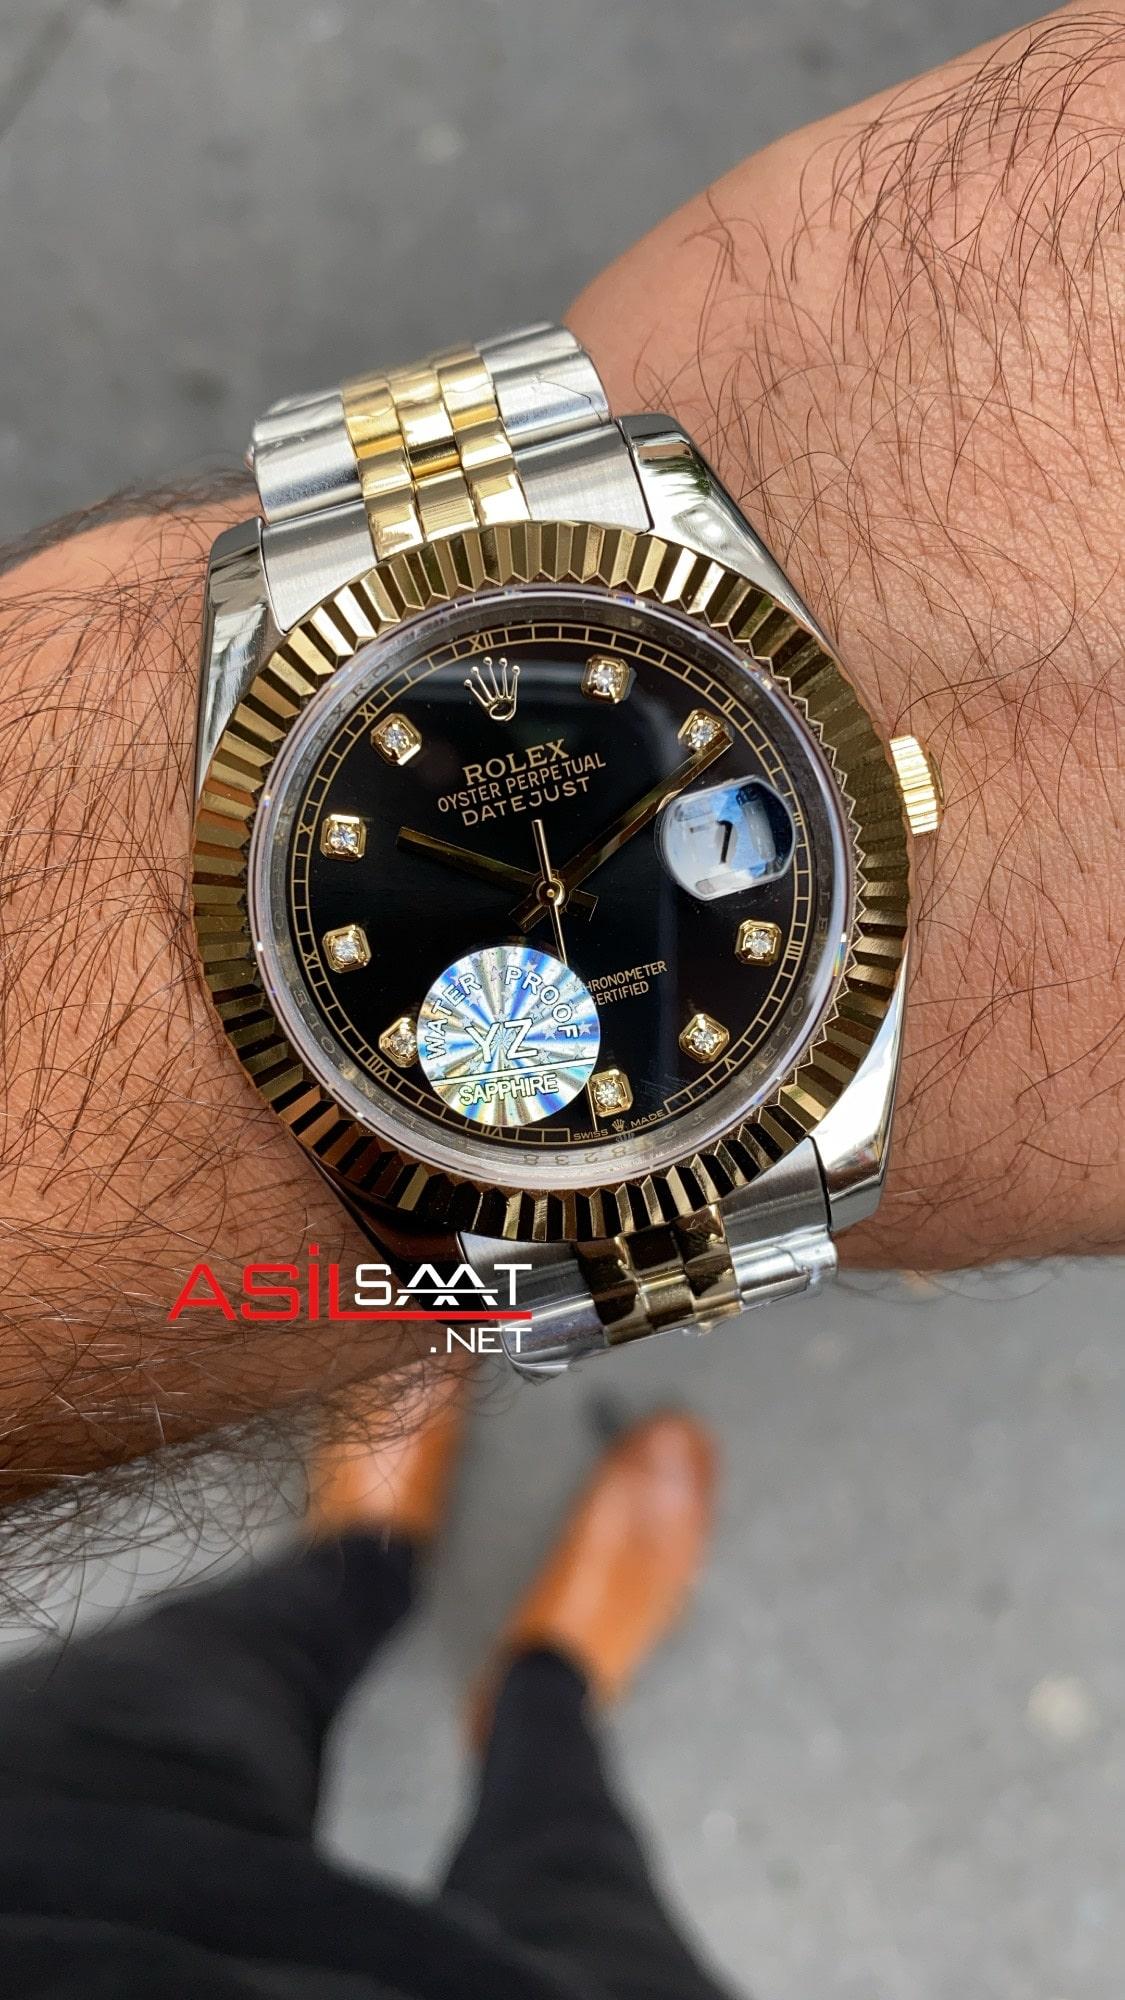 Rolex Datejust Jubilee 126333 Black Diamond Dial ROLDJ022